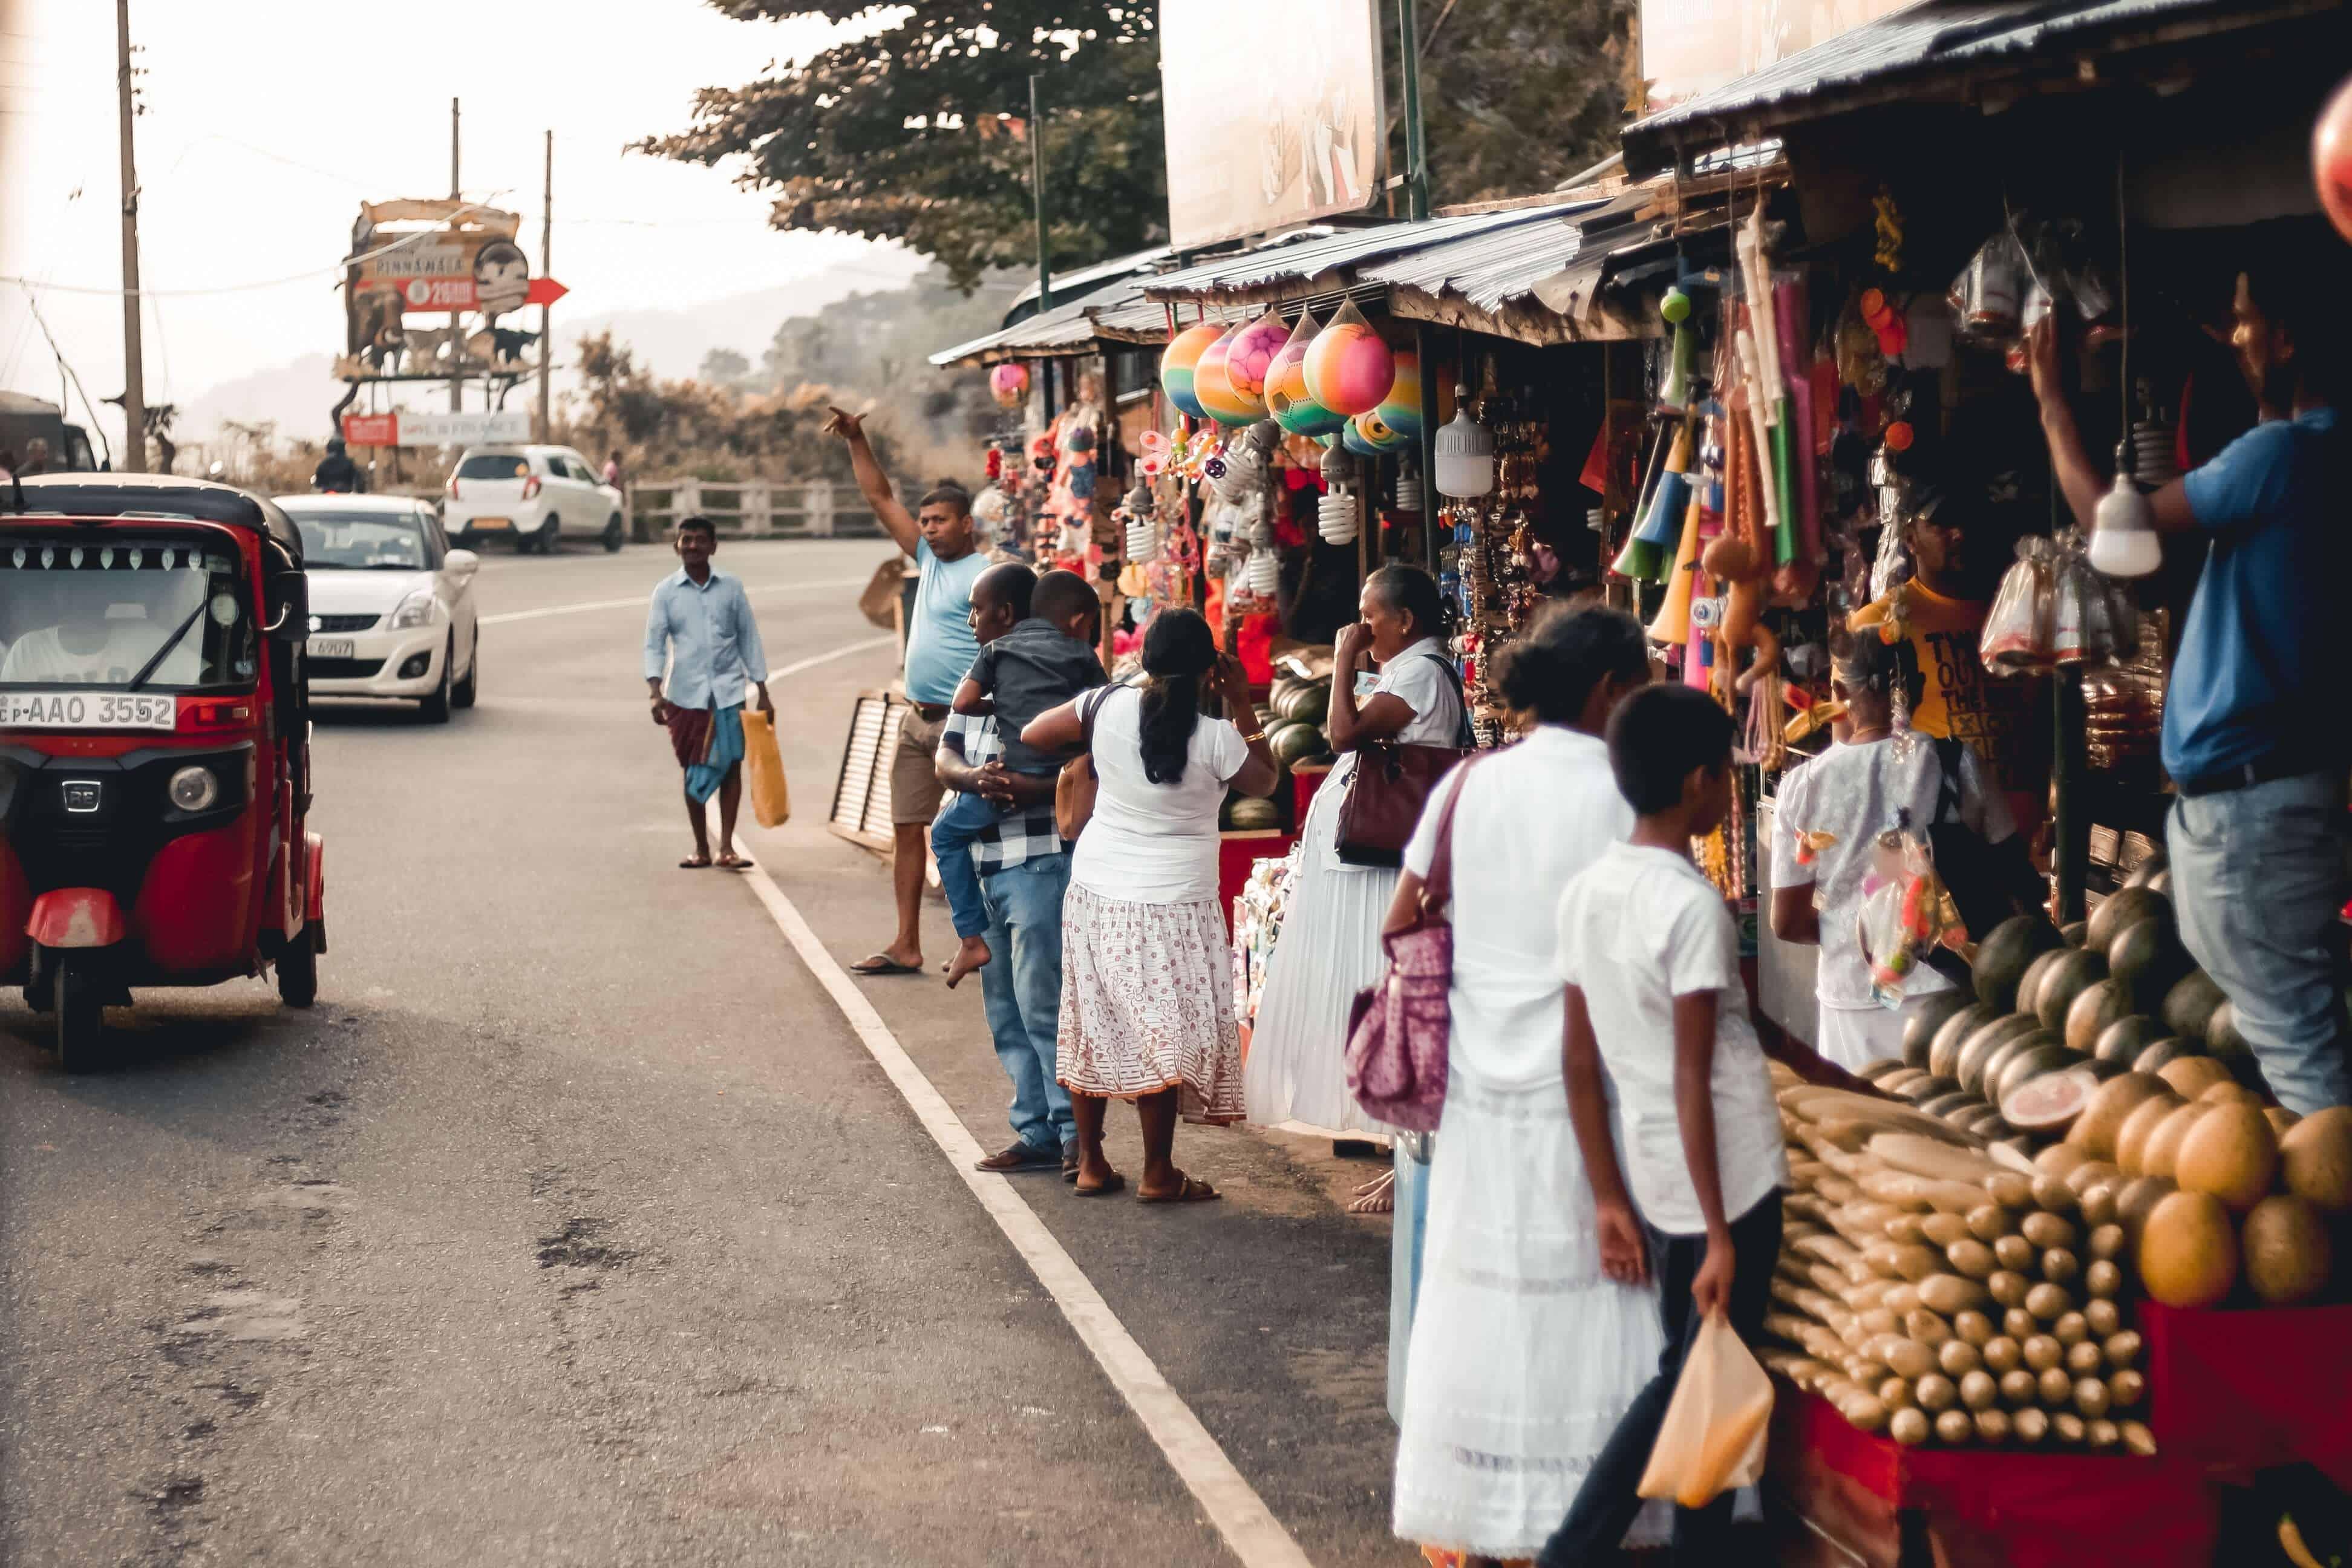 People along street in Colombo